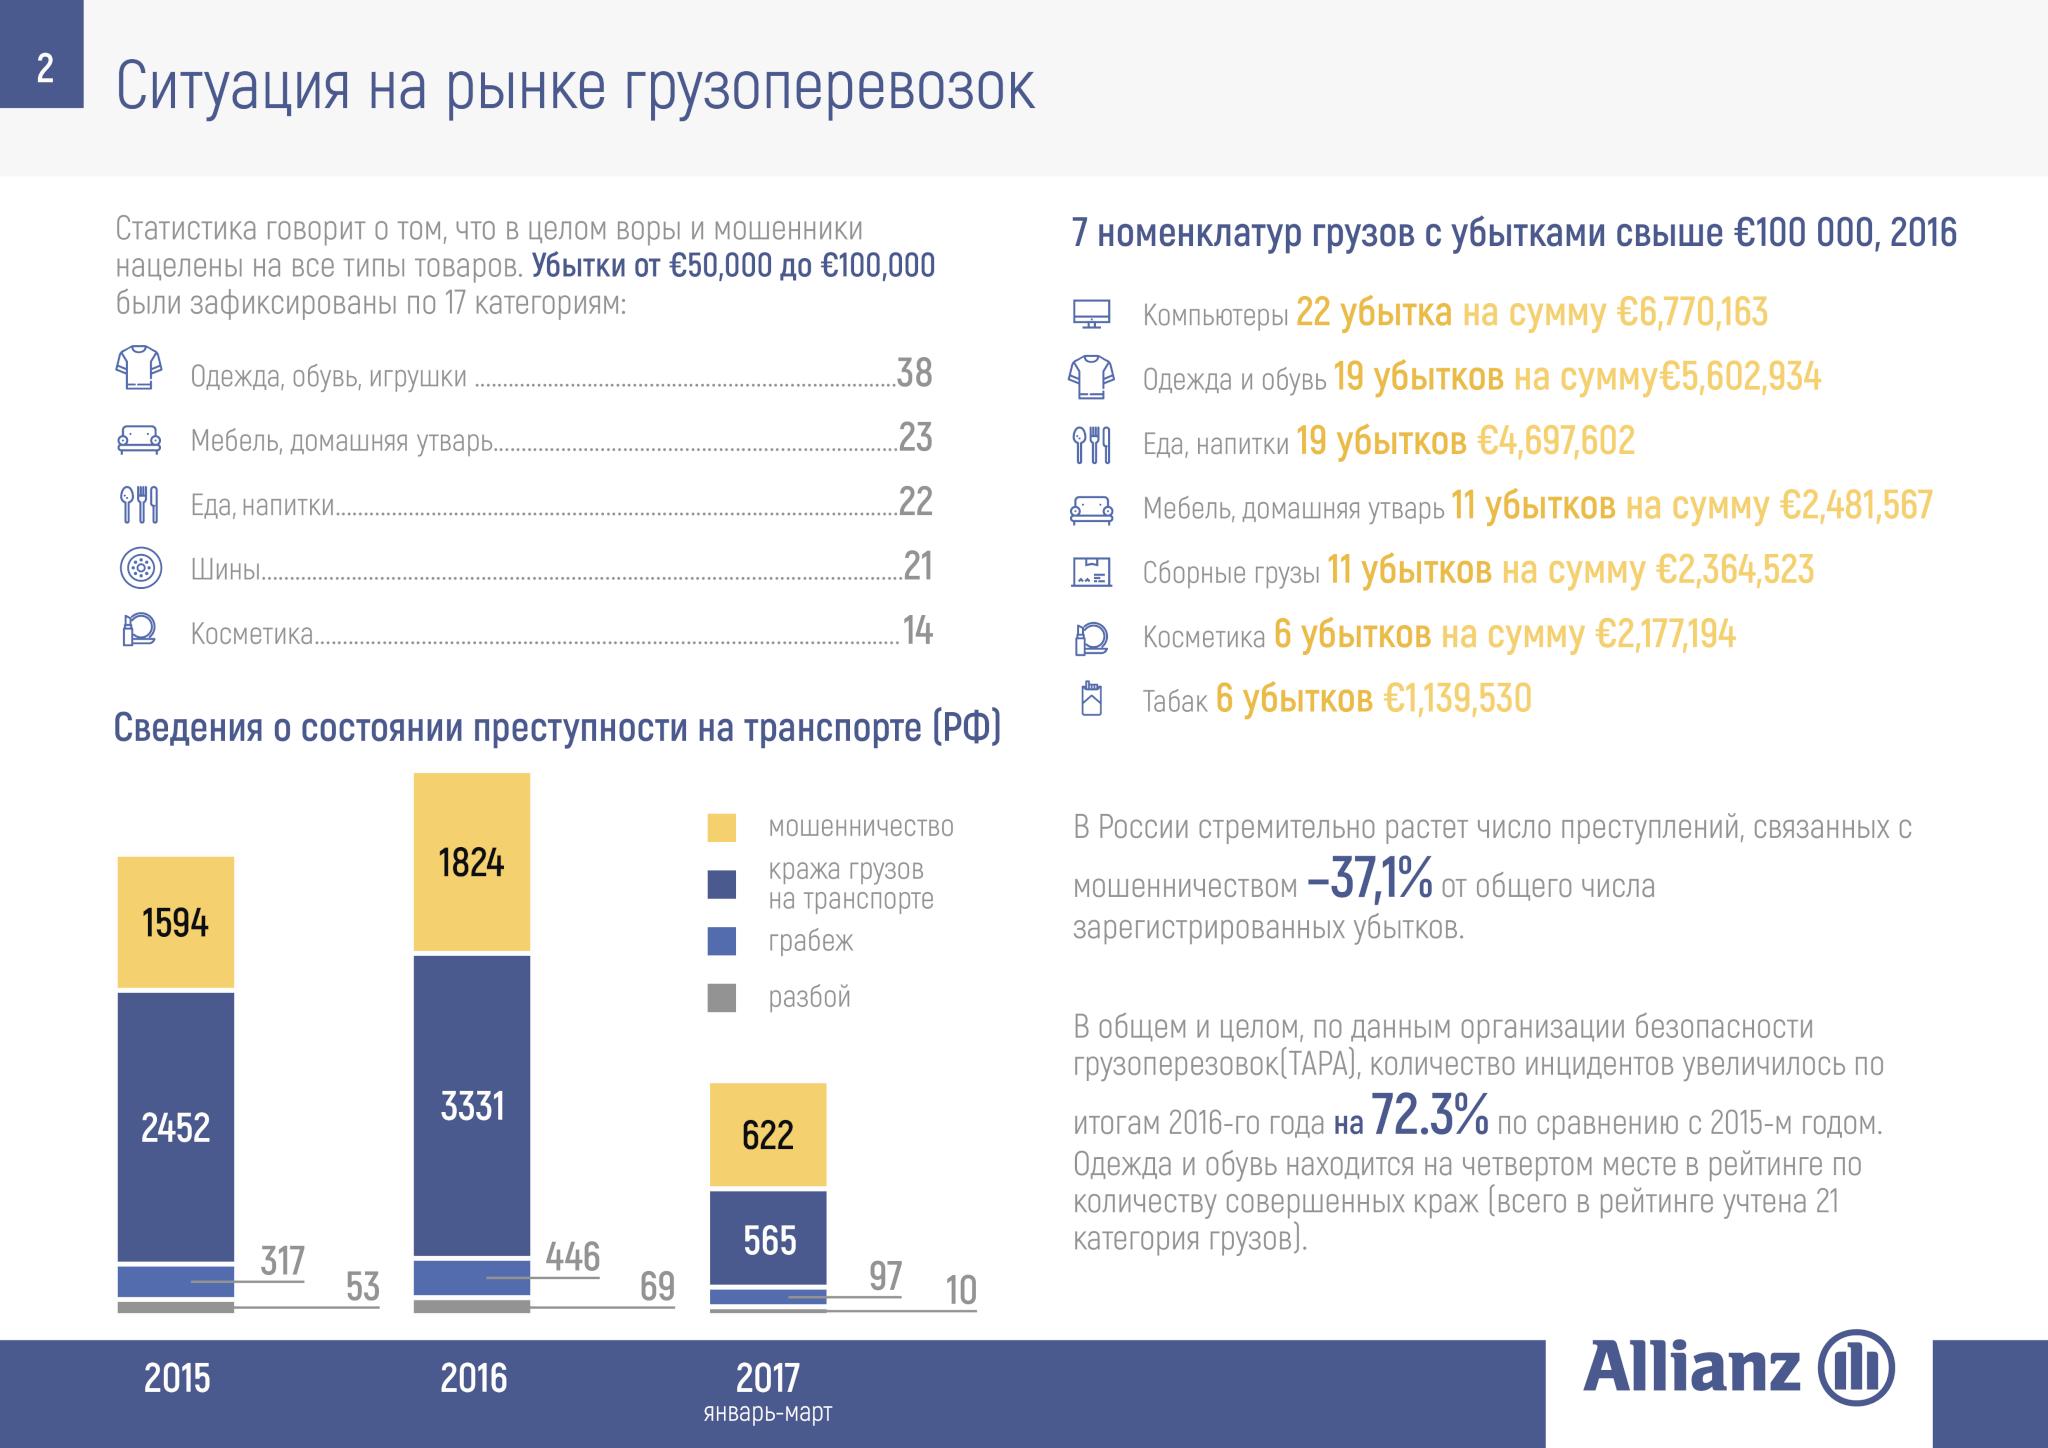 Презентация Allianz (Альянс) — международная страховая компания